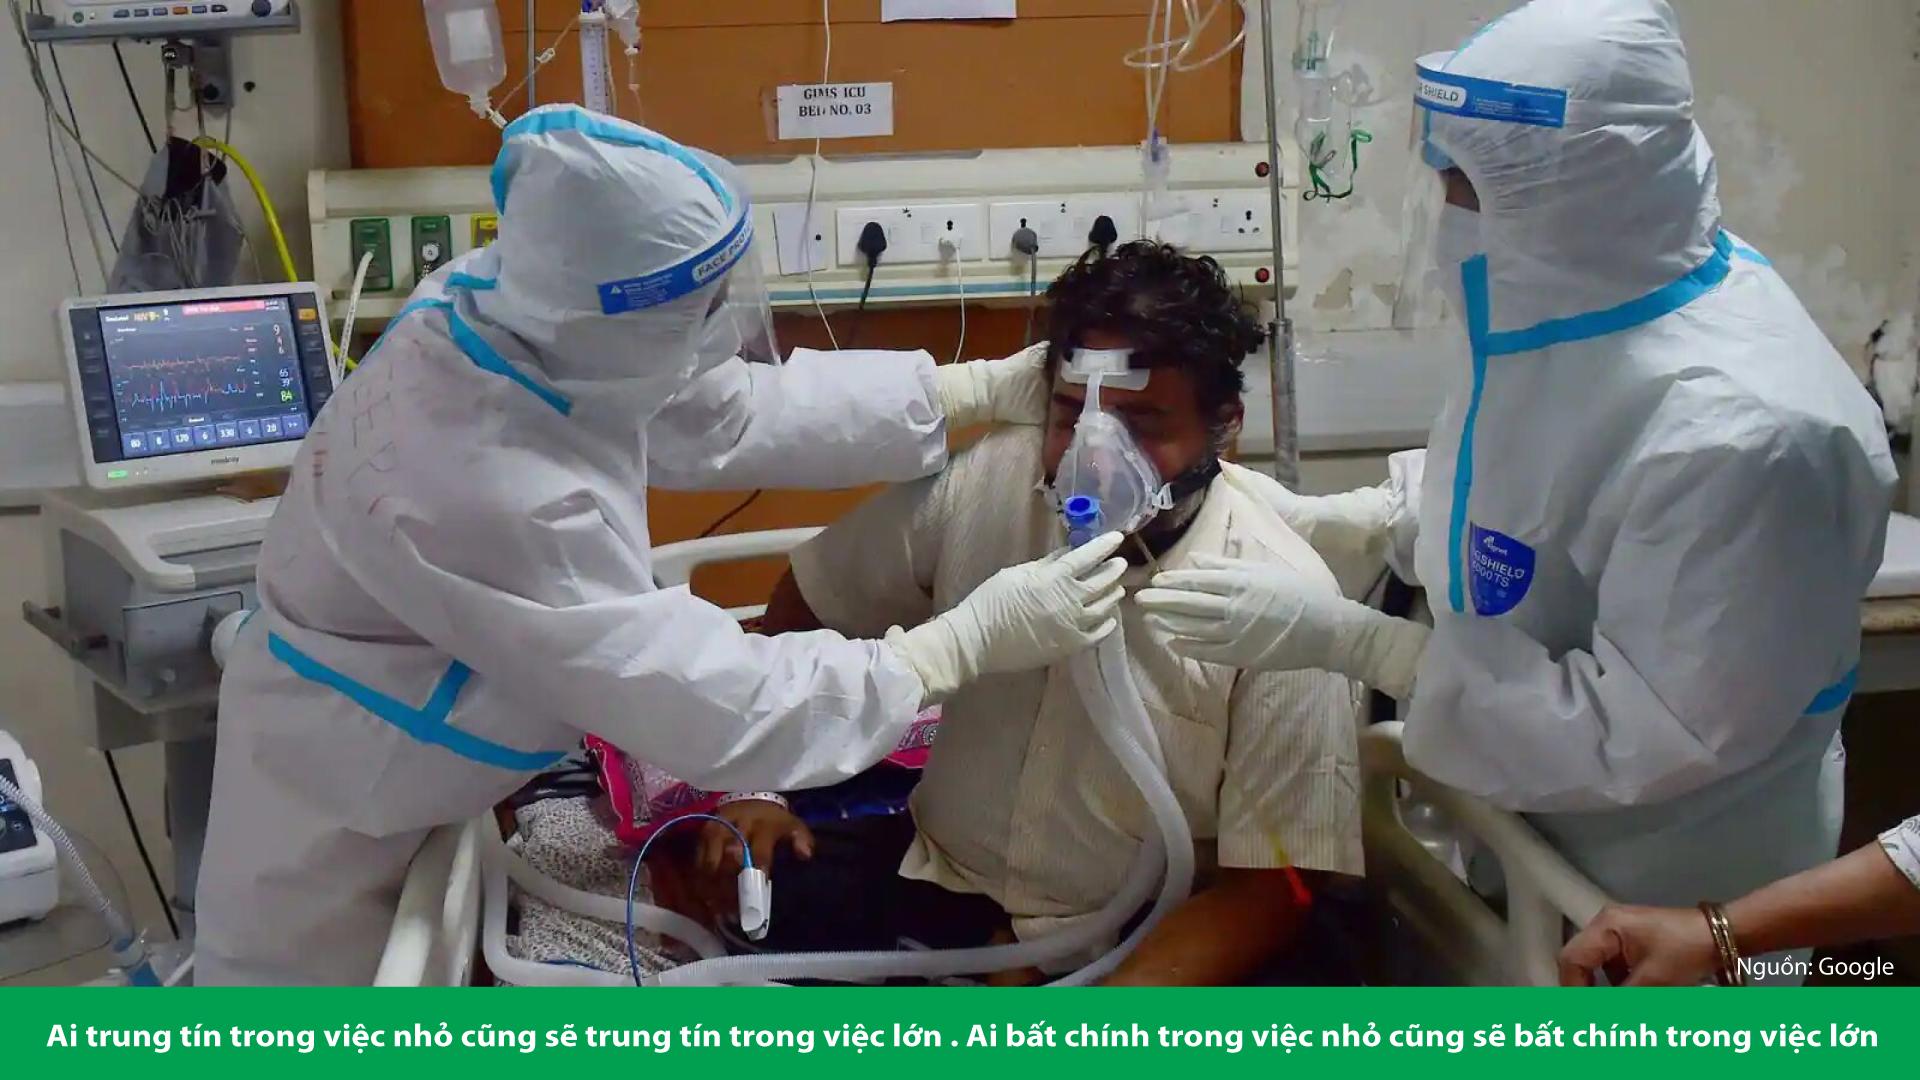 TRONG LÒNG CHIẾN TRƯỜNG HỆ MIỄN DỊCH CƠ THỂ  CHỐNG LẠI SARS-COVI- 2